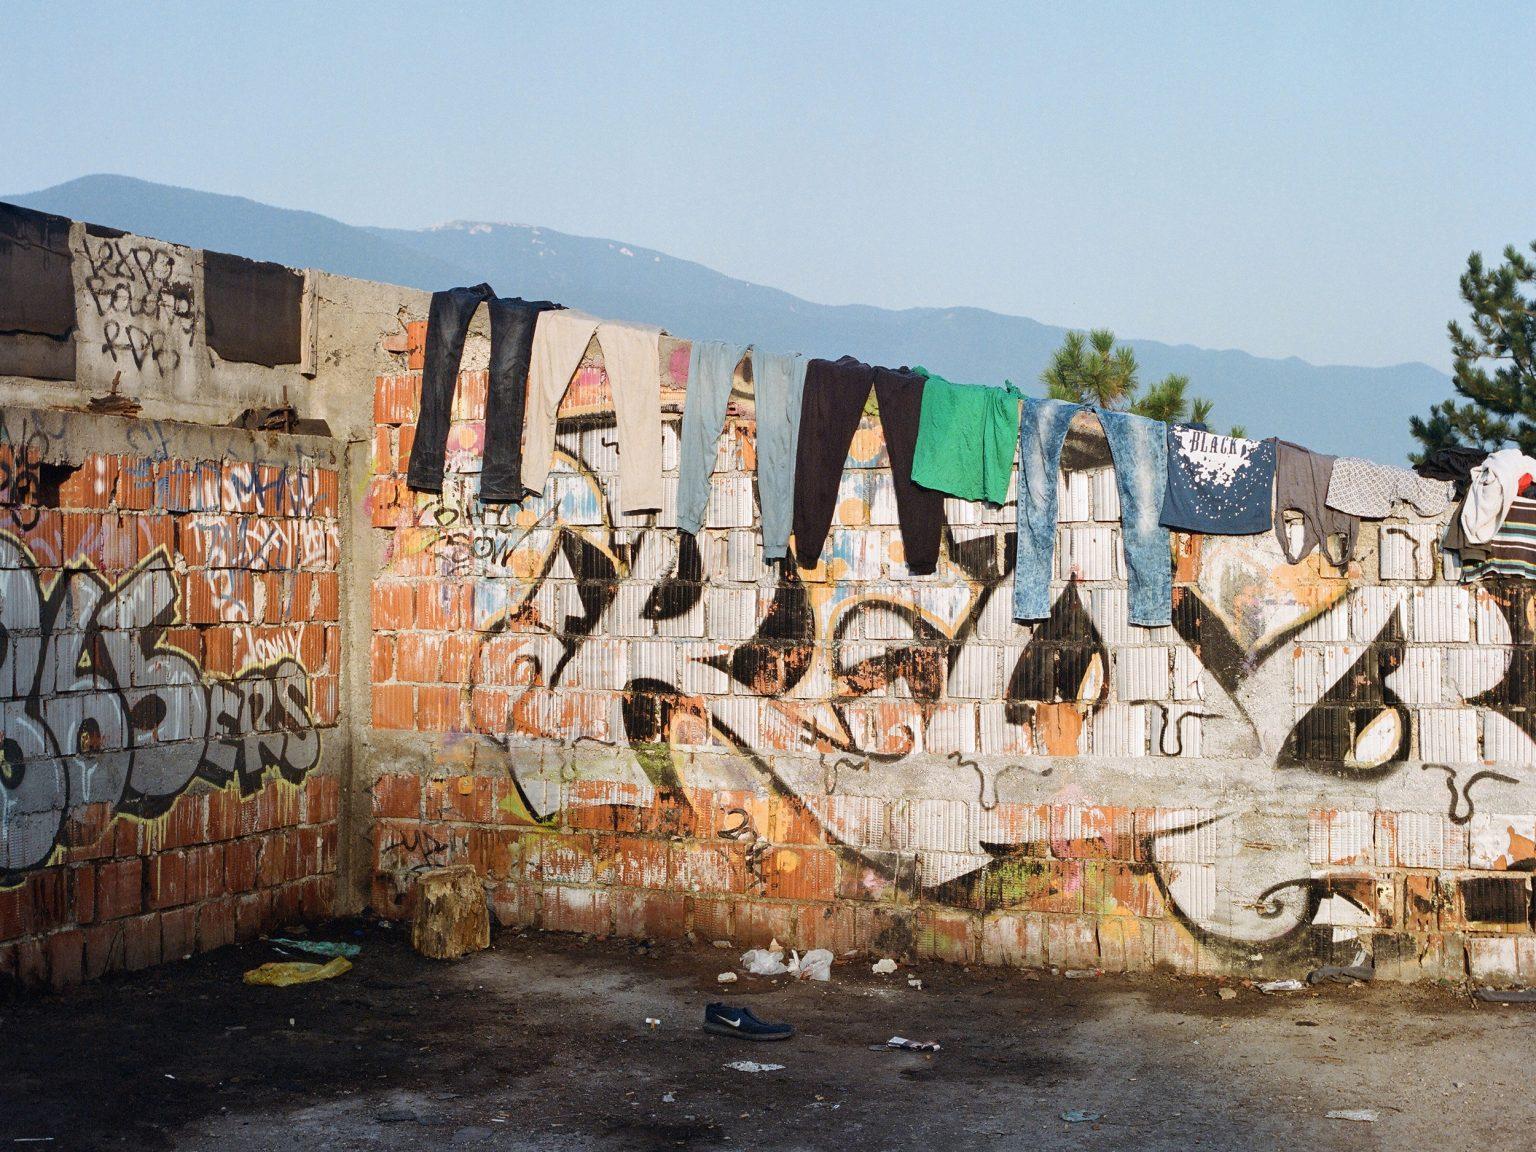 Bihac, Bosnia-Erzegovina. 19 agosto 2018. Alcuni vestiti sono stesi sul tetto di un dormitorio abbandonato, oggi utilizzato come ricovero temporaneo da circa 700 migranti. Gli aiuti umanitari non sono in grado di far fronte al flusso costante di migranti in arrivo nelle zone settentrionali della Bosnia-Erzegovina, offrendo alloggio e vitto solo a un numero esiguo di persone.  Bihac, Bosnia-Herzegovina. 19 August 2018. Clothes drying on the roof of an abandoned dormitory now used as temporary shelter by about 700 migrants. Humanitarian aid is unable to cope with the constant flux of migrants arriving in the northern areas of Bosnia-Herzegovina, offering accommodation and meals only to a small number of people.